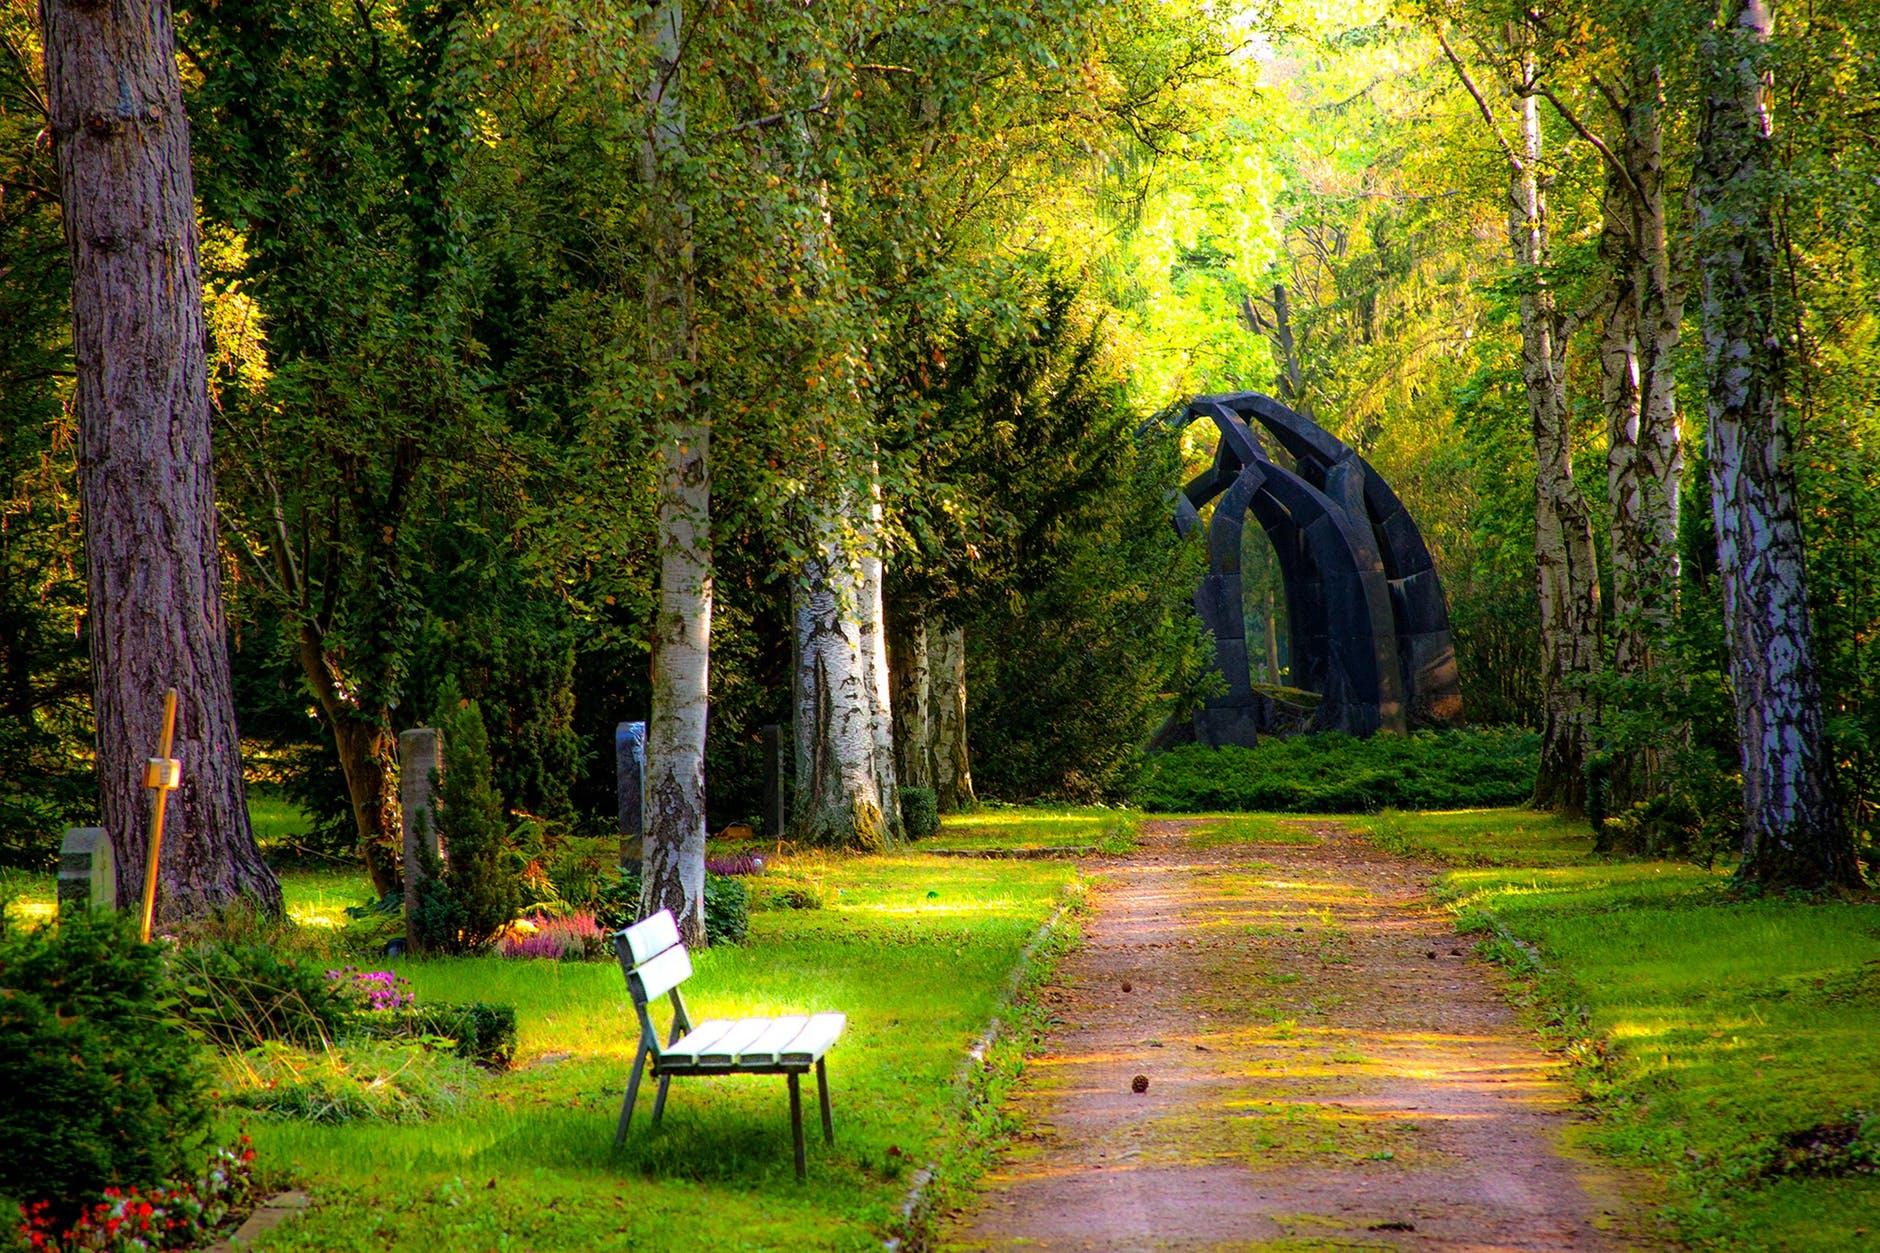 Landscape Nature Picture